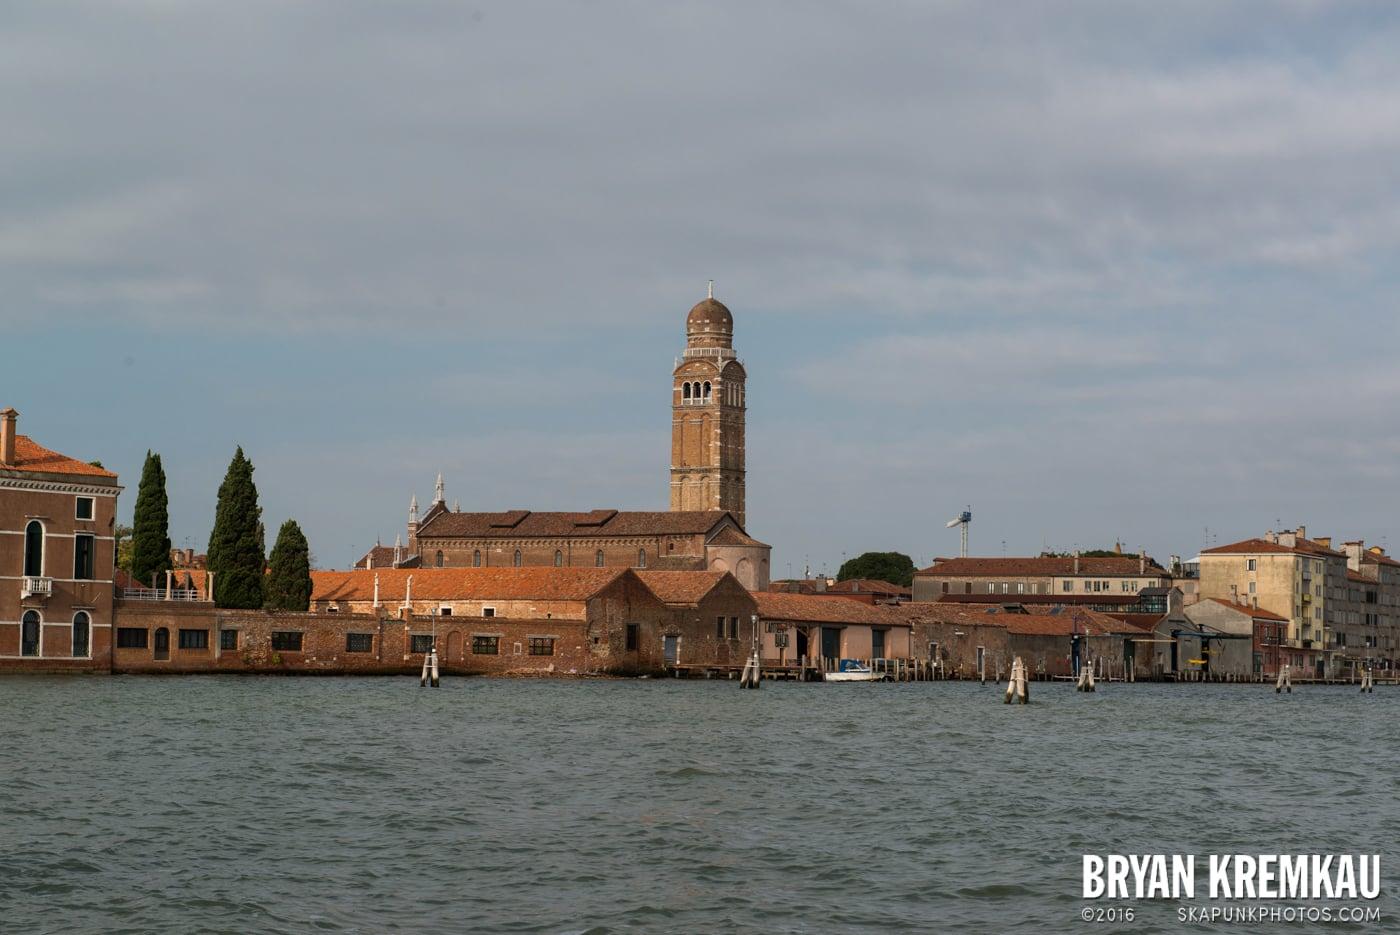 Italy Vacation - Day 6: Murano, Burano, Venice - 9.14.13 (98)